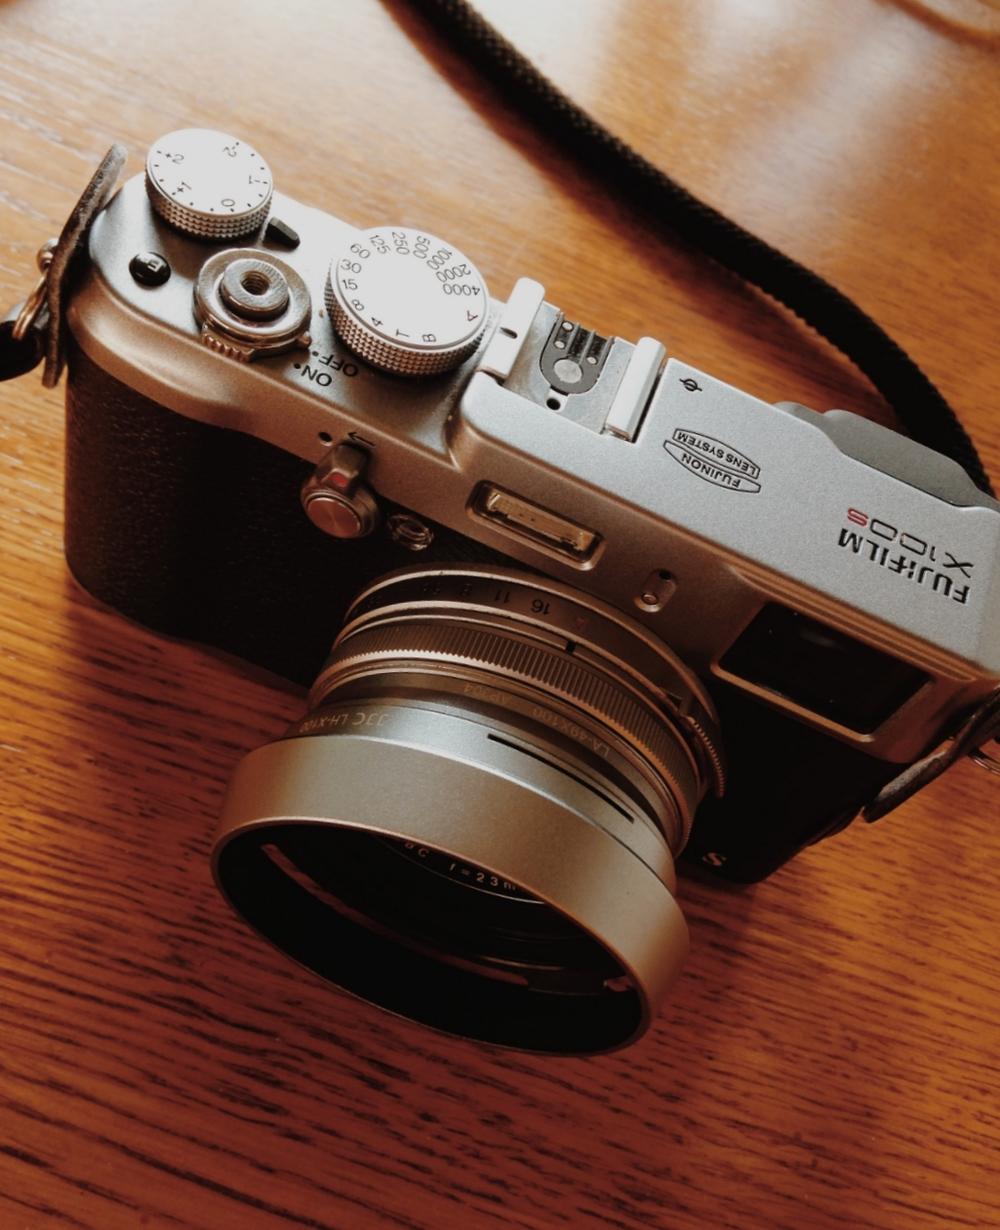 Fujifilm x-100s